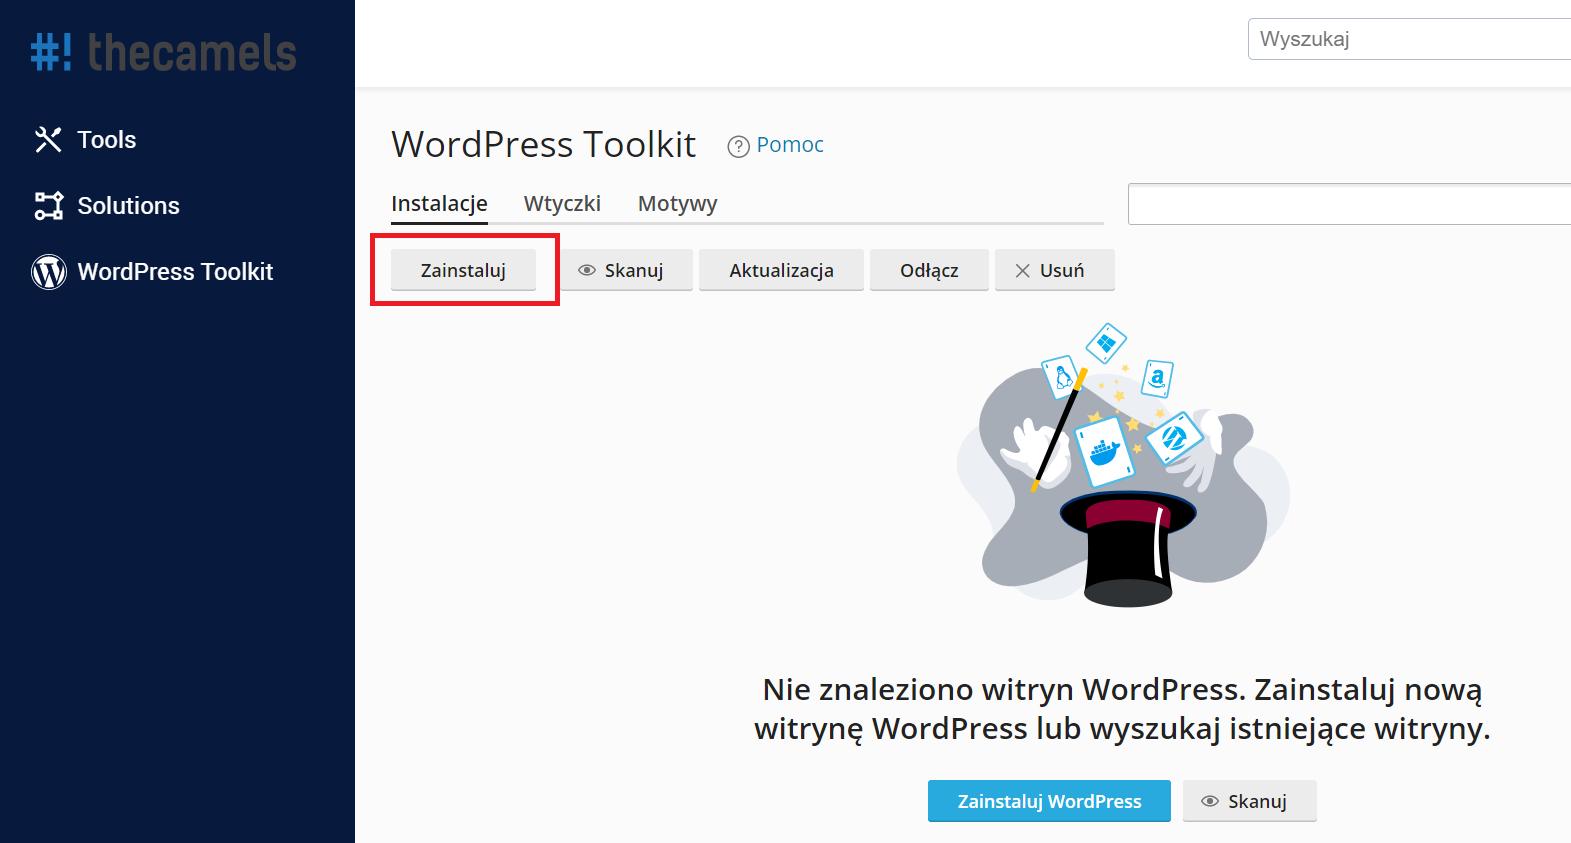 Automtyczna instalacja WordPressa - krok 2